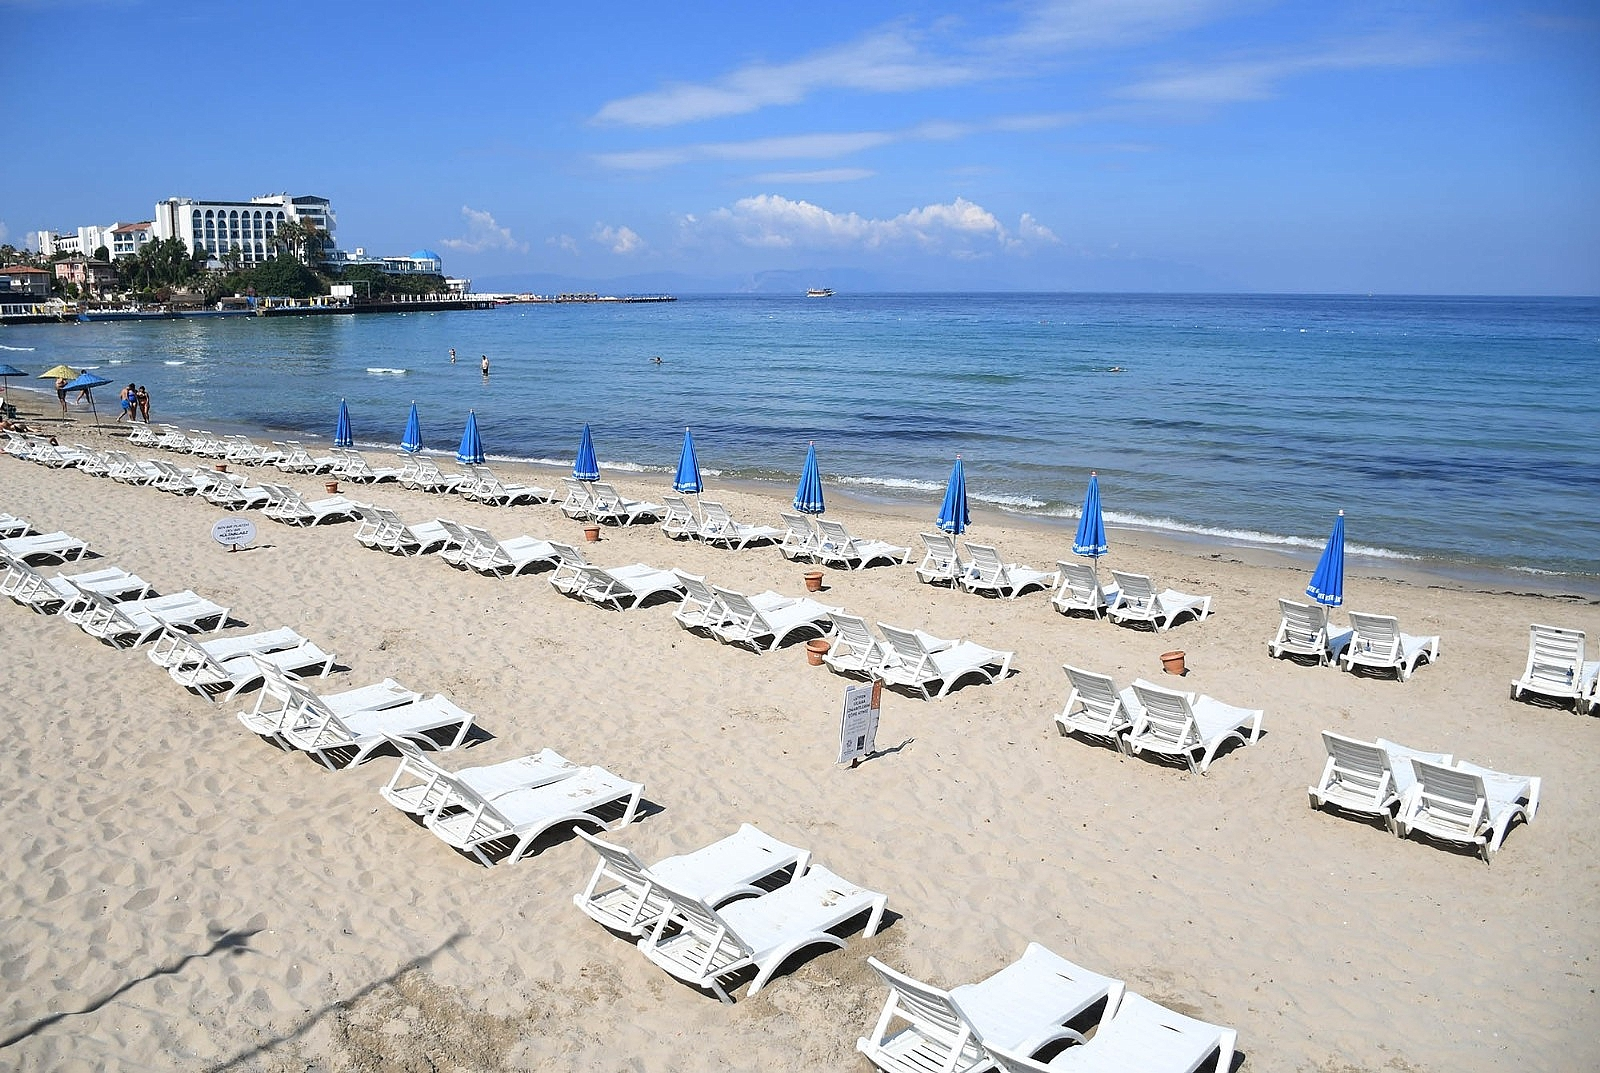 2021/05/turizm-kenti-kusadasinda-plajlar-misafirlerini-bekliyor-20210531AW33-1.jpg